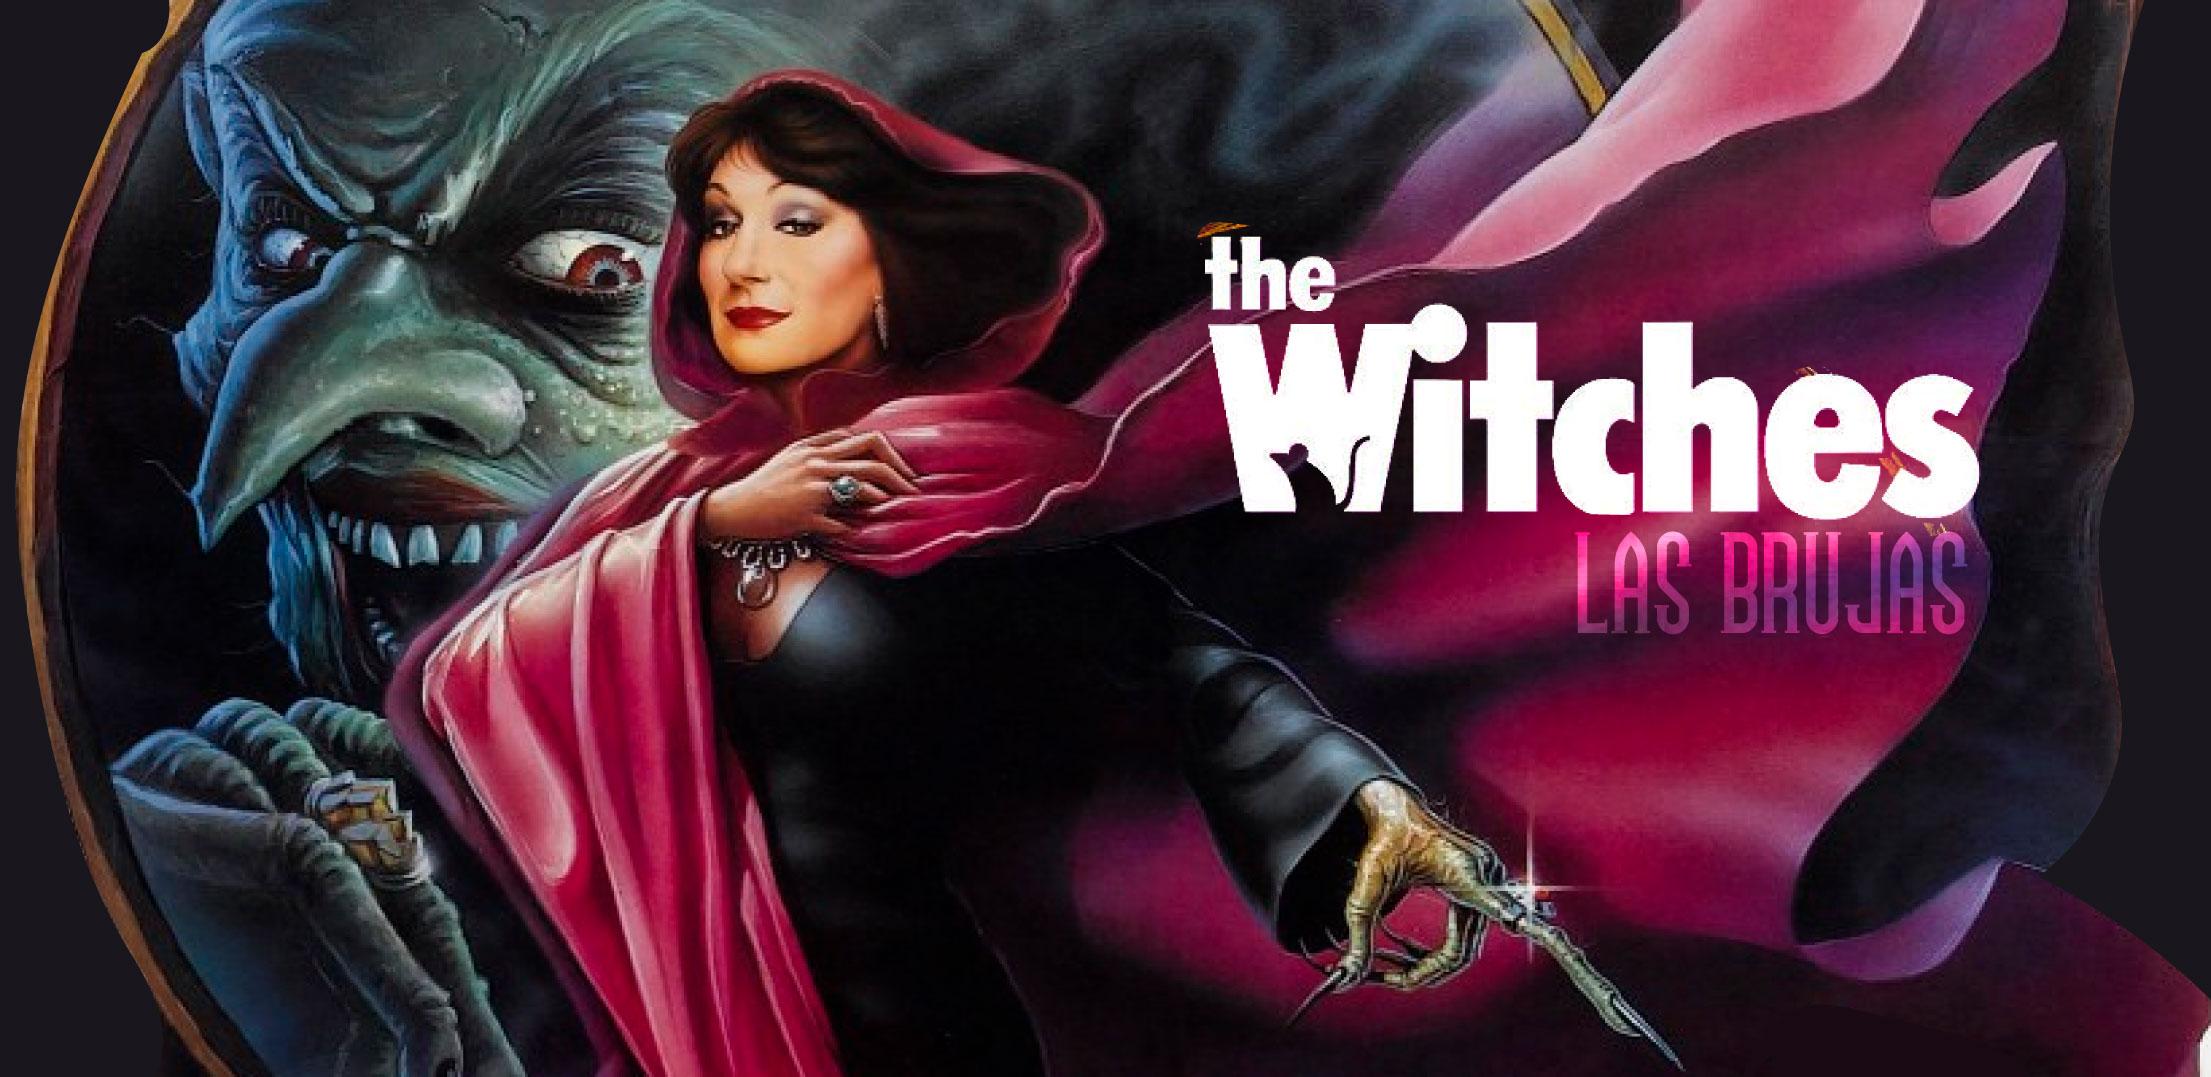 El regreso de Las brujas, el filme de los 90's, remake por Guillermo del Toro y Cuaron.